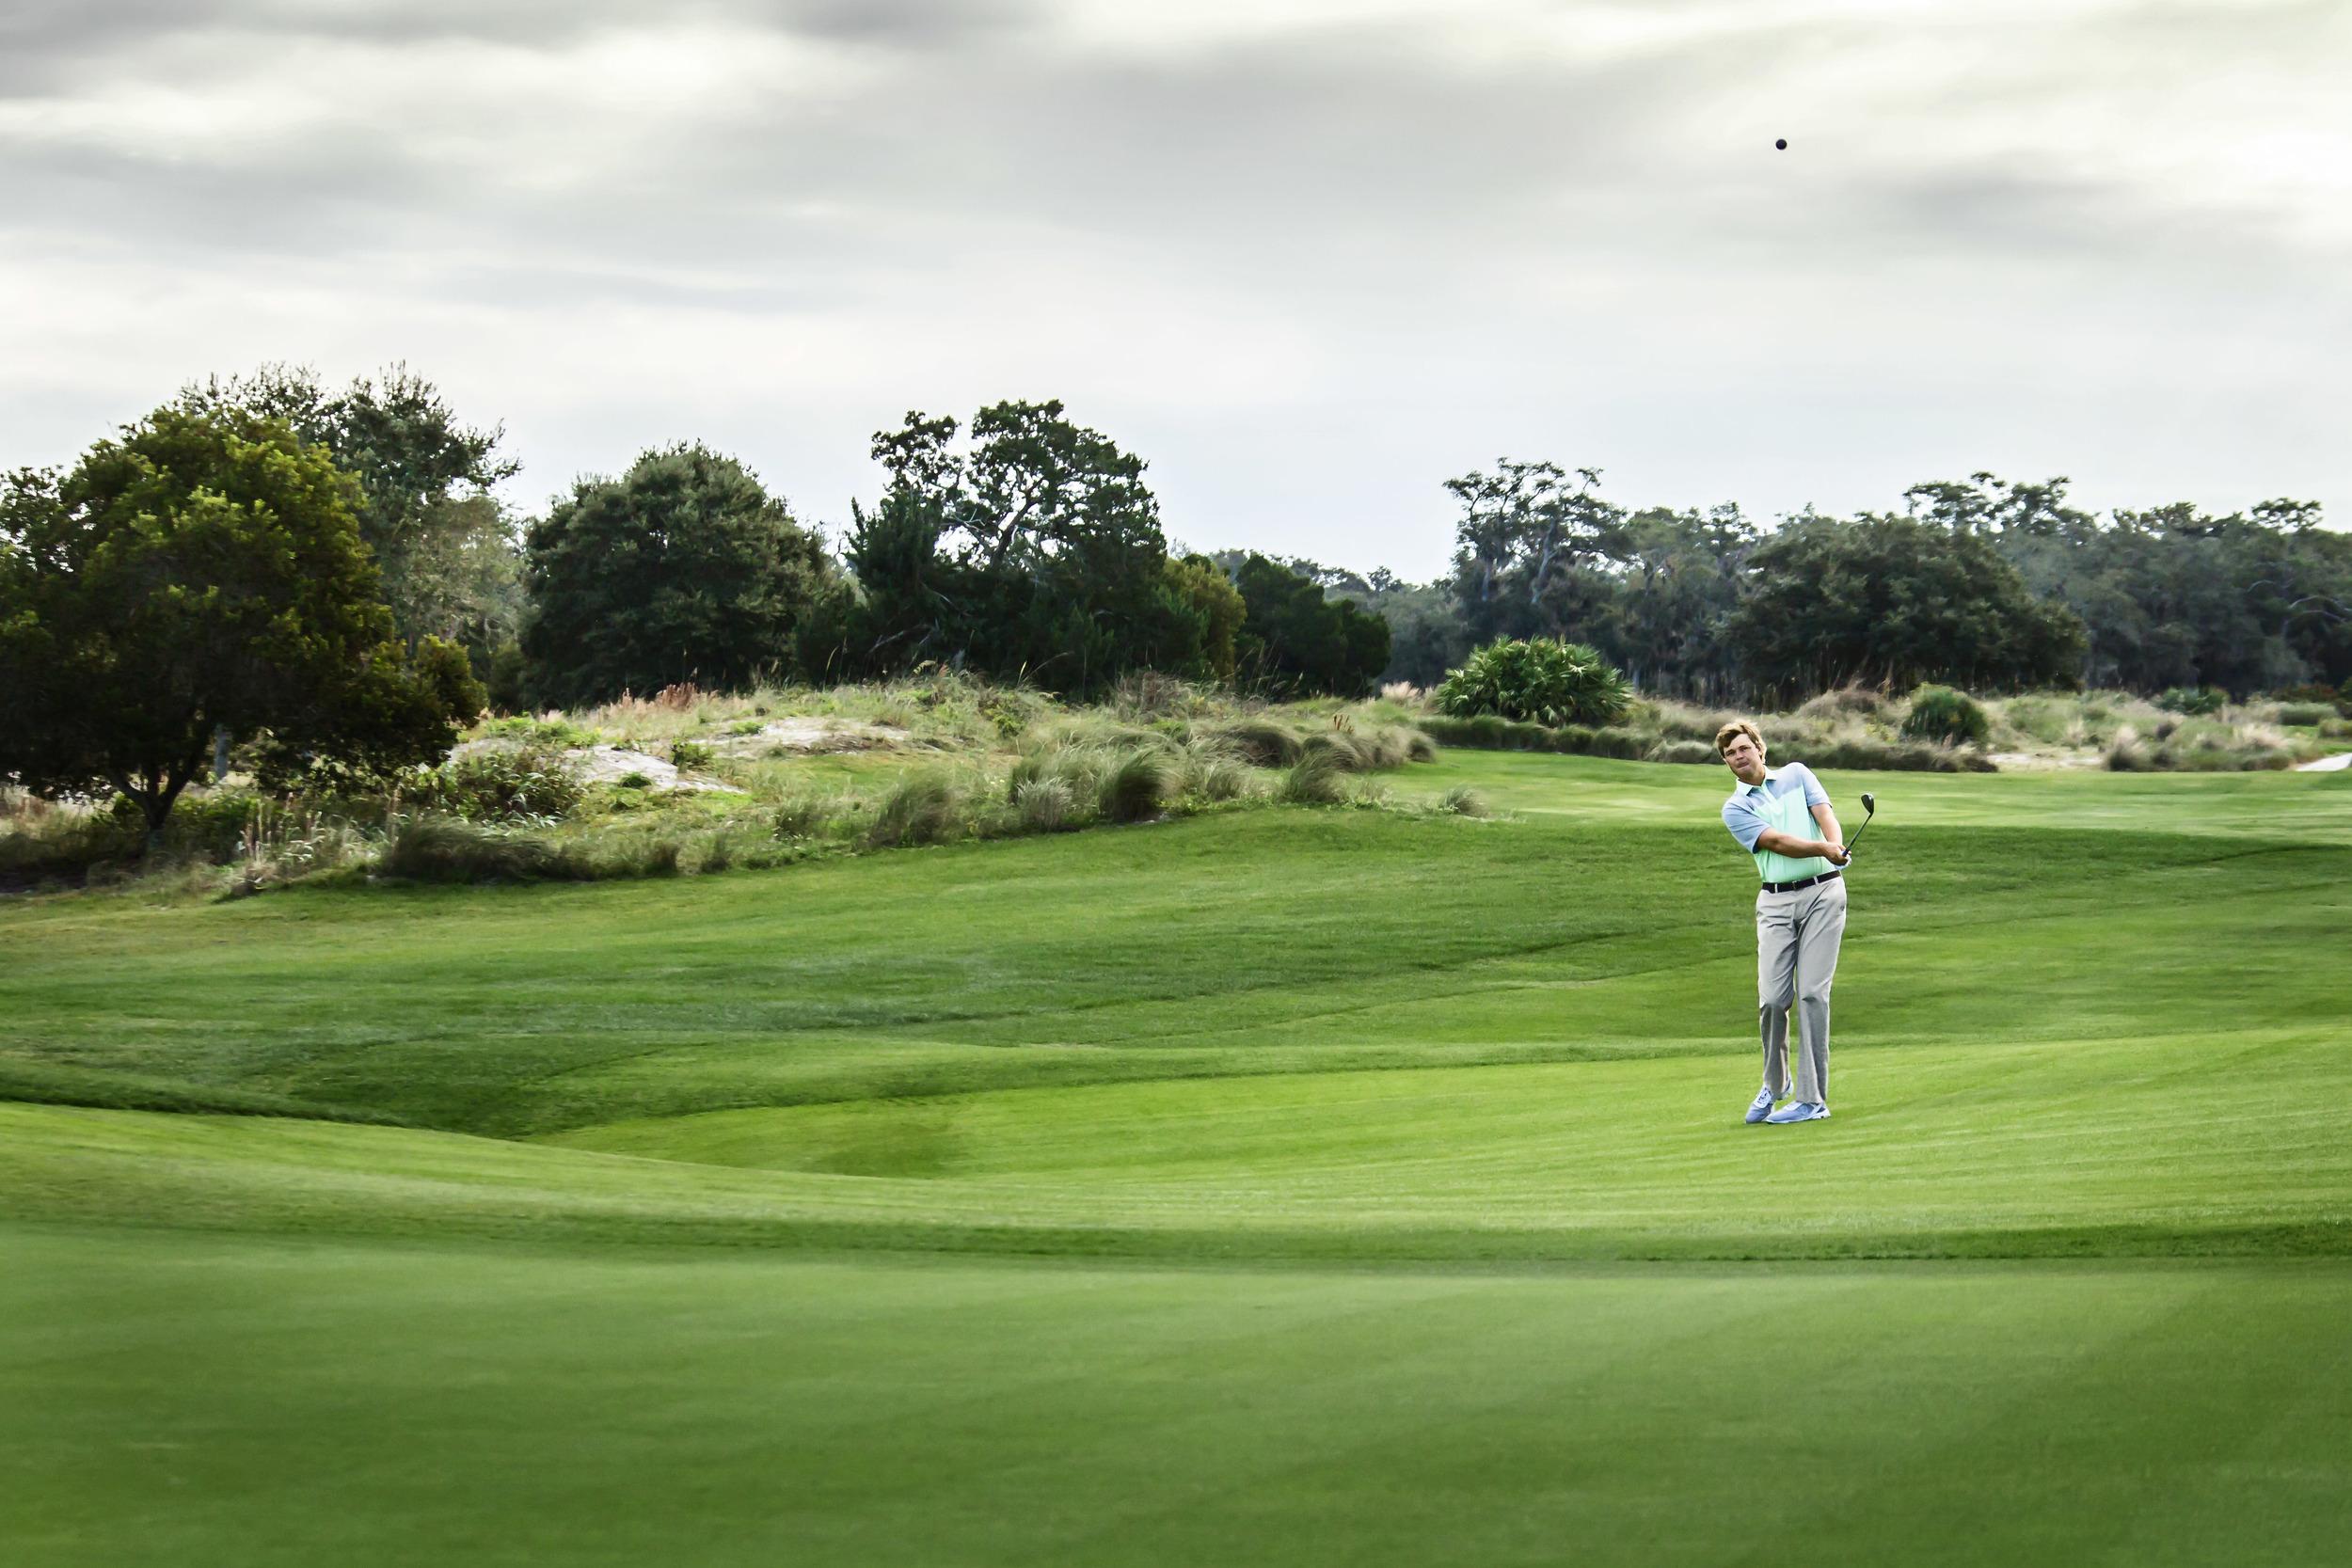 S16_Golf_TR_7231.jpg